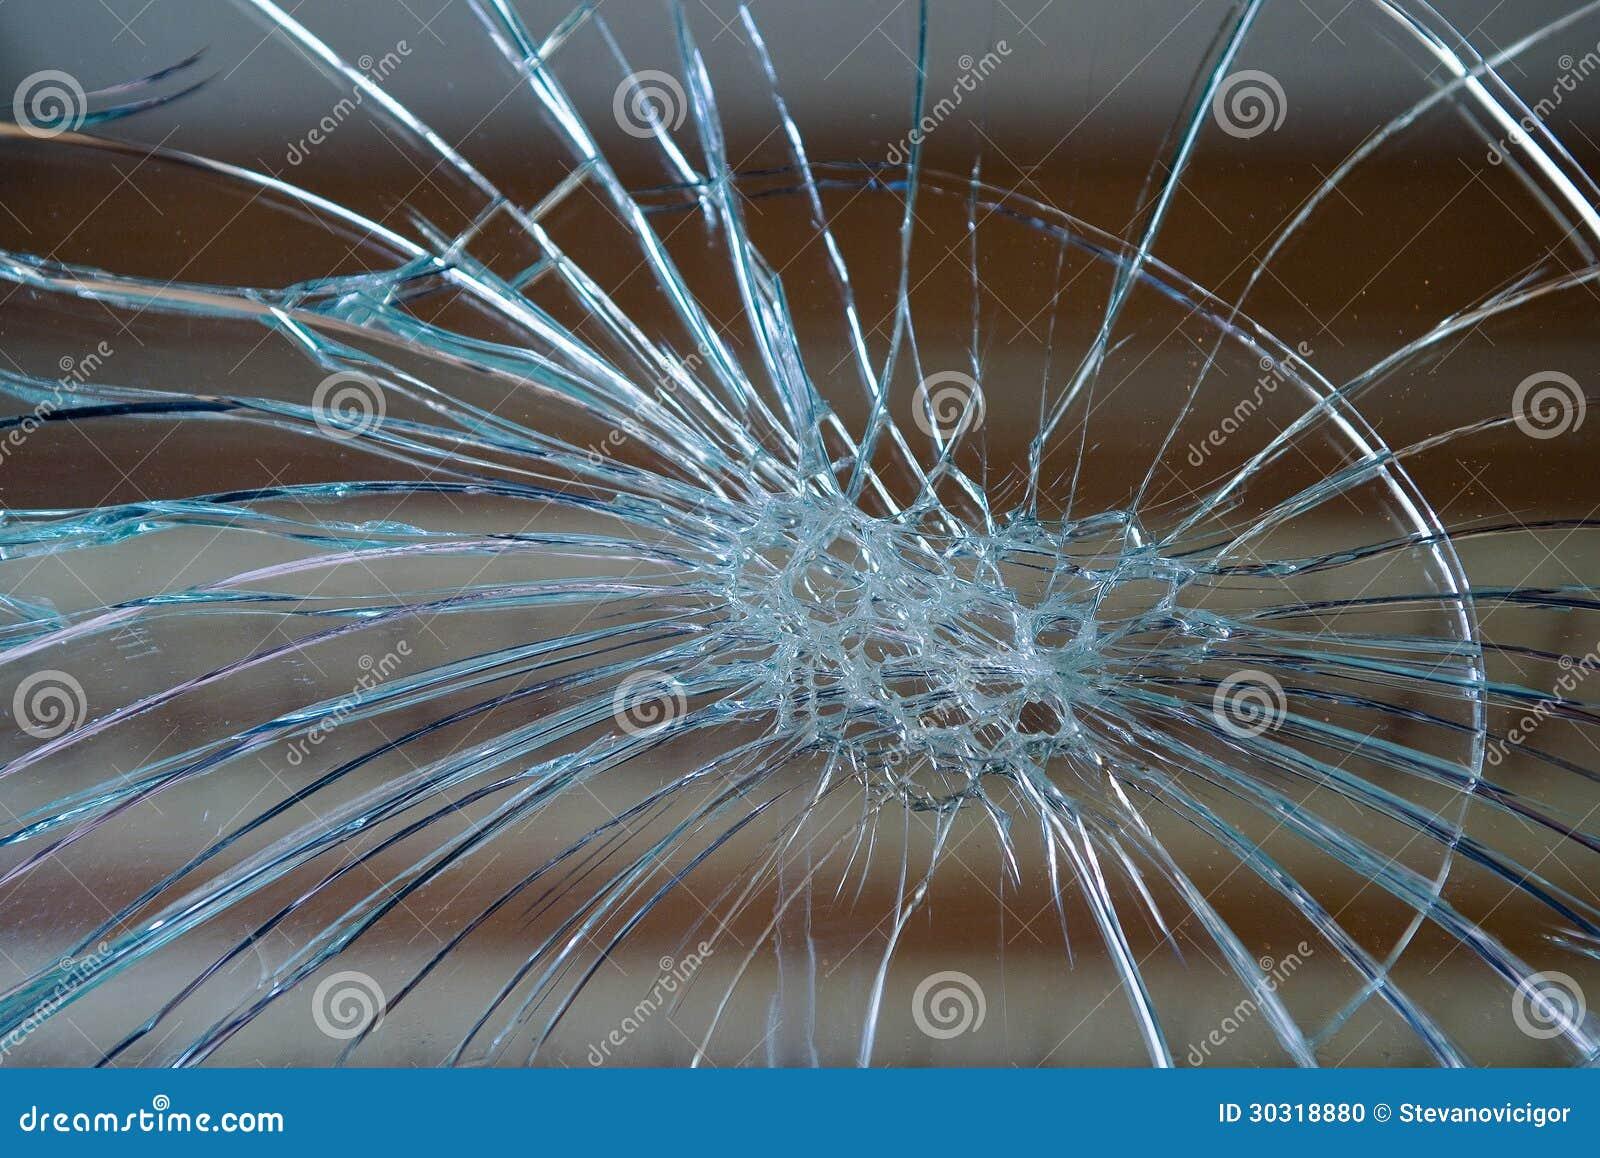 Specchio rotto fotografia stock immagine 30318880 for Miroir texture